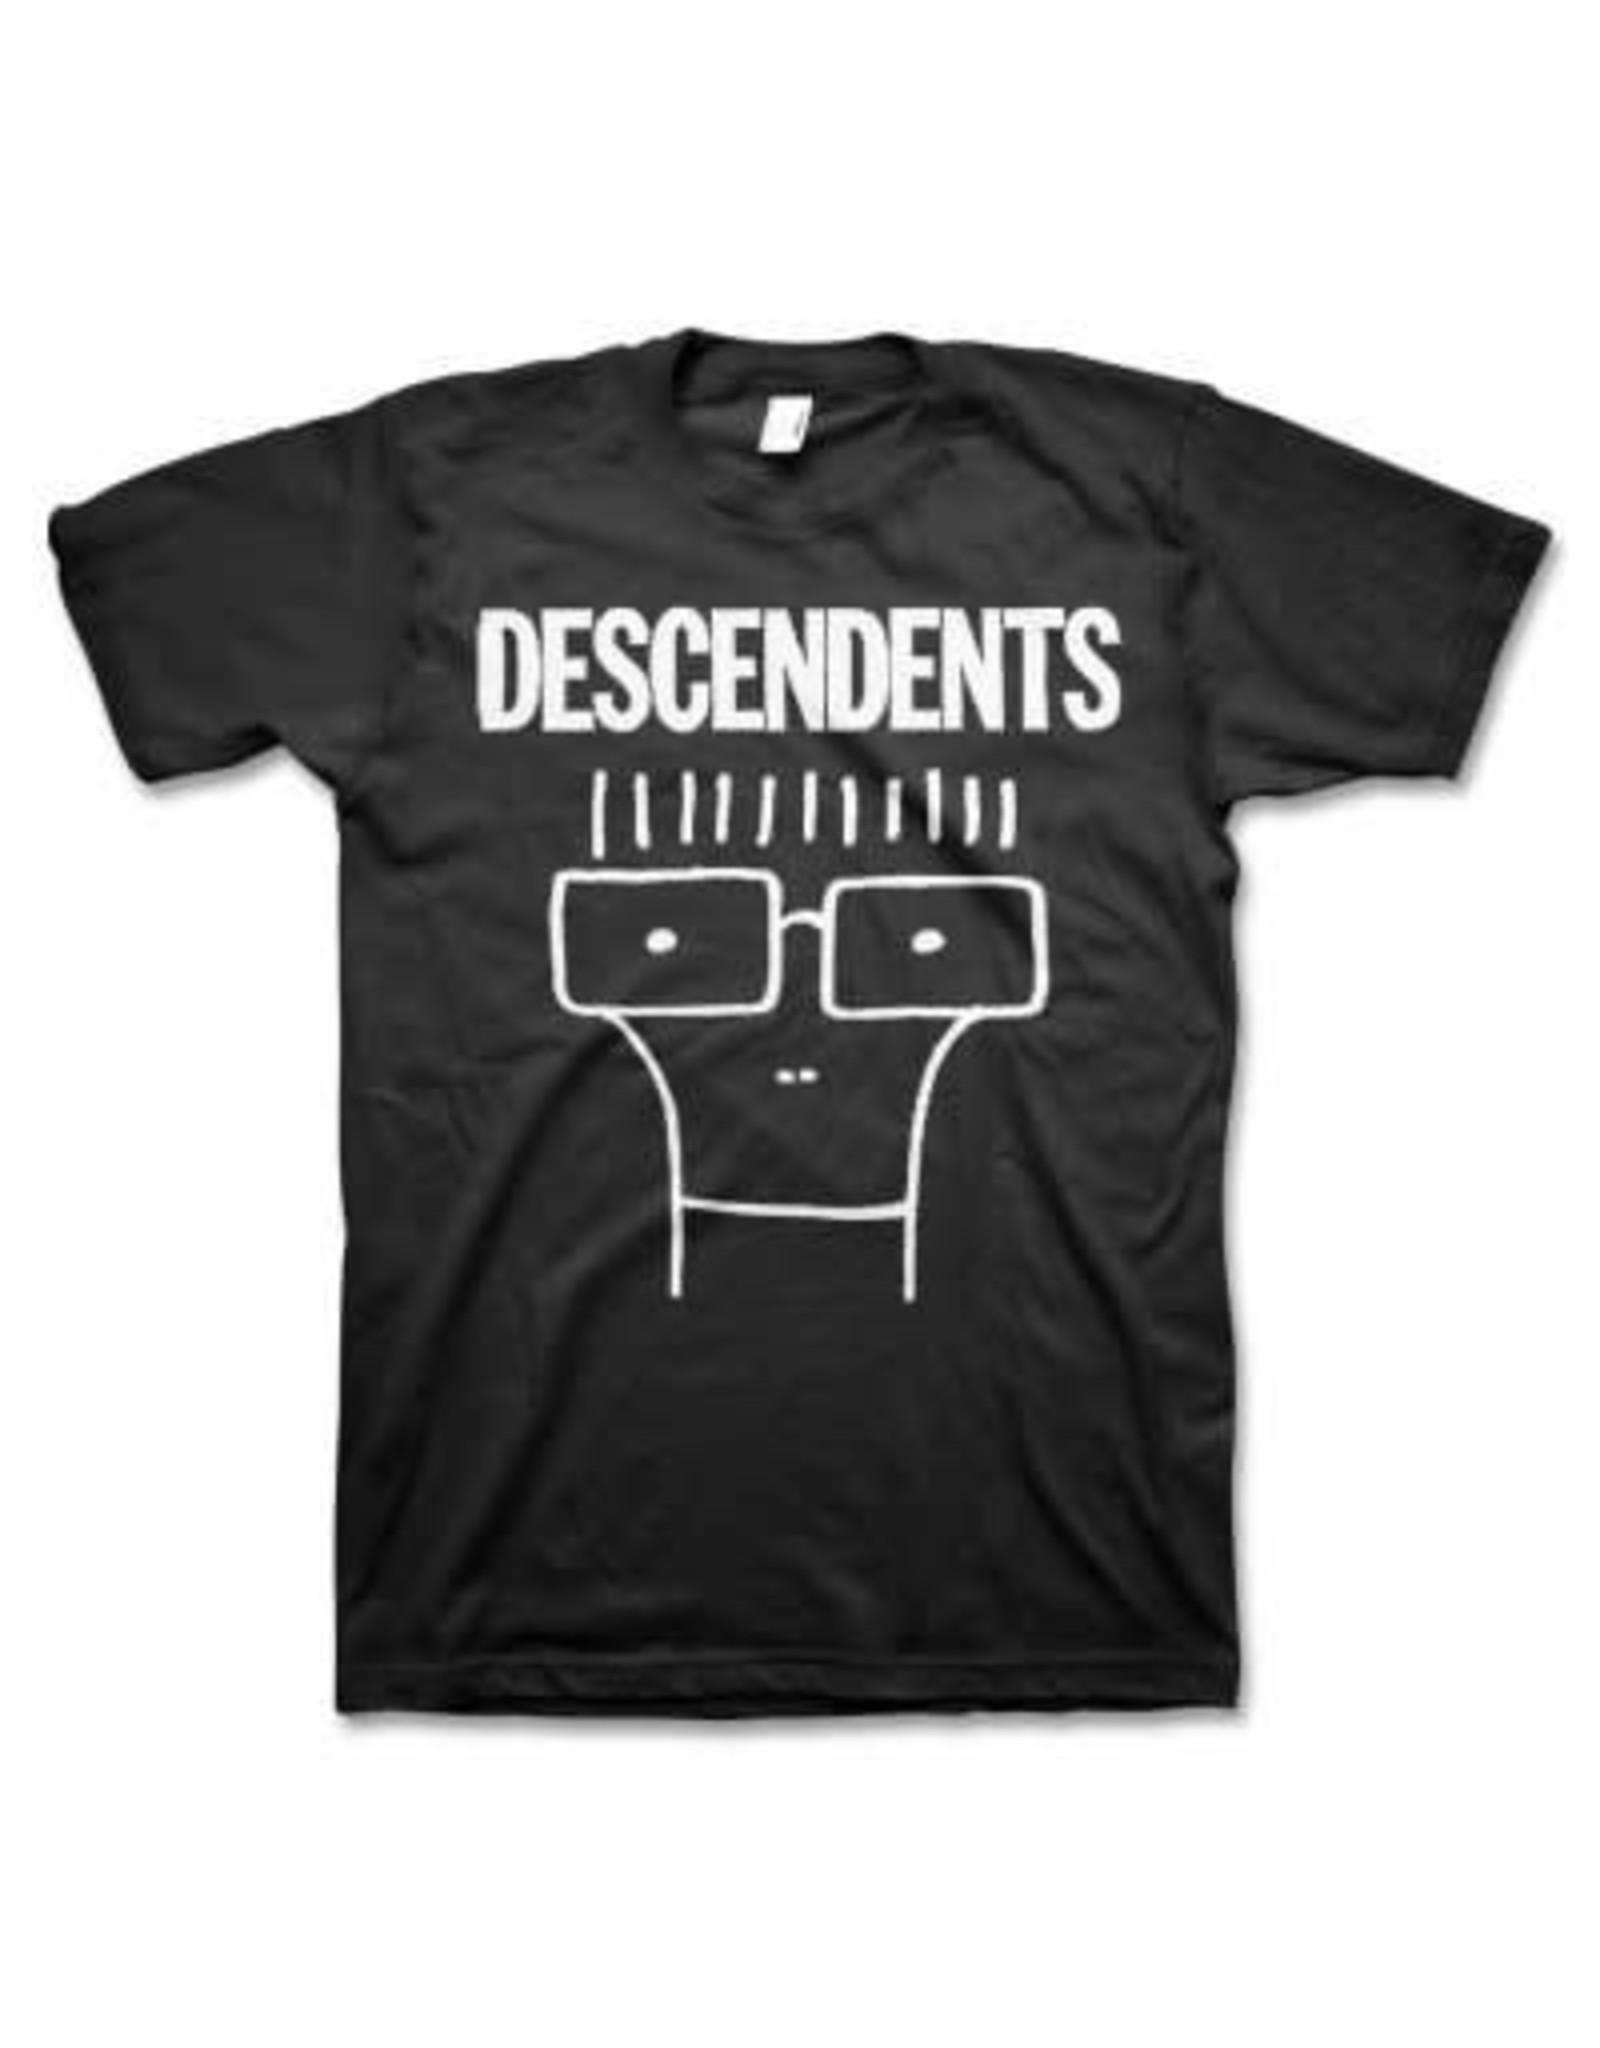 Descendents Classic Milo Shirt